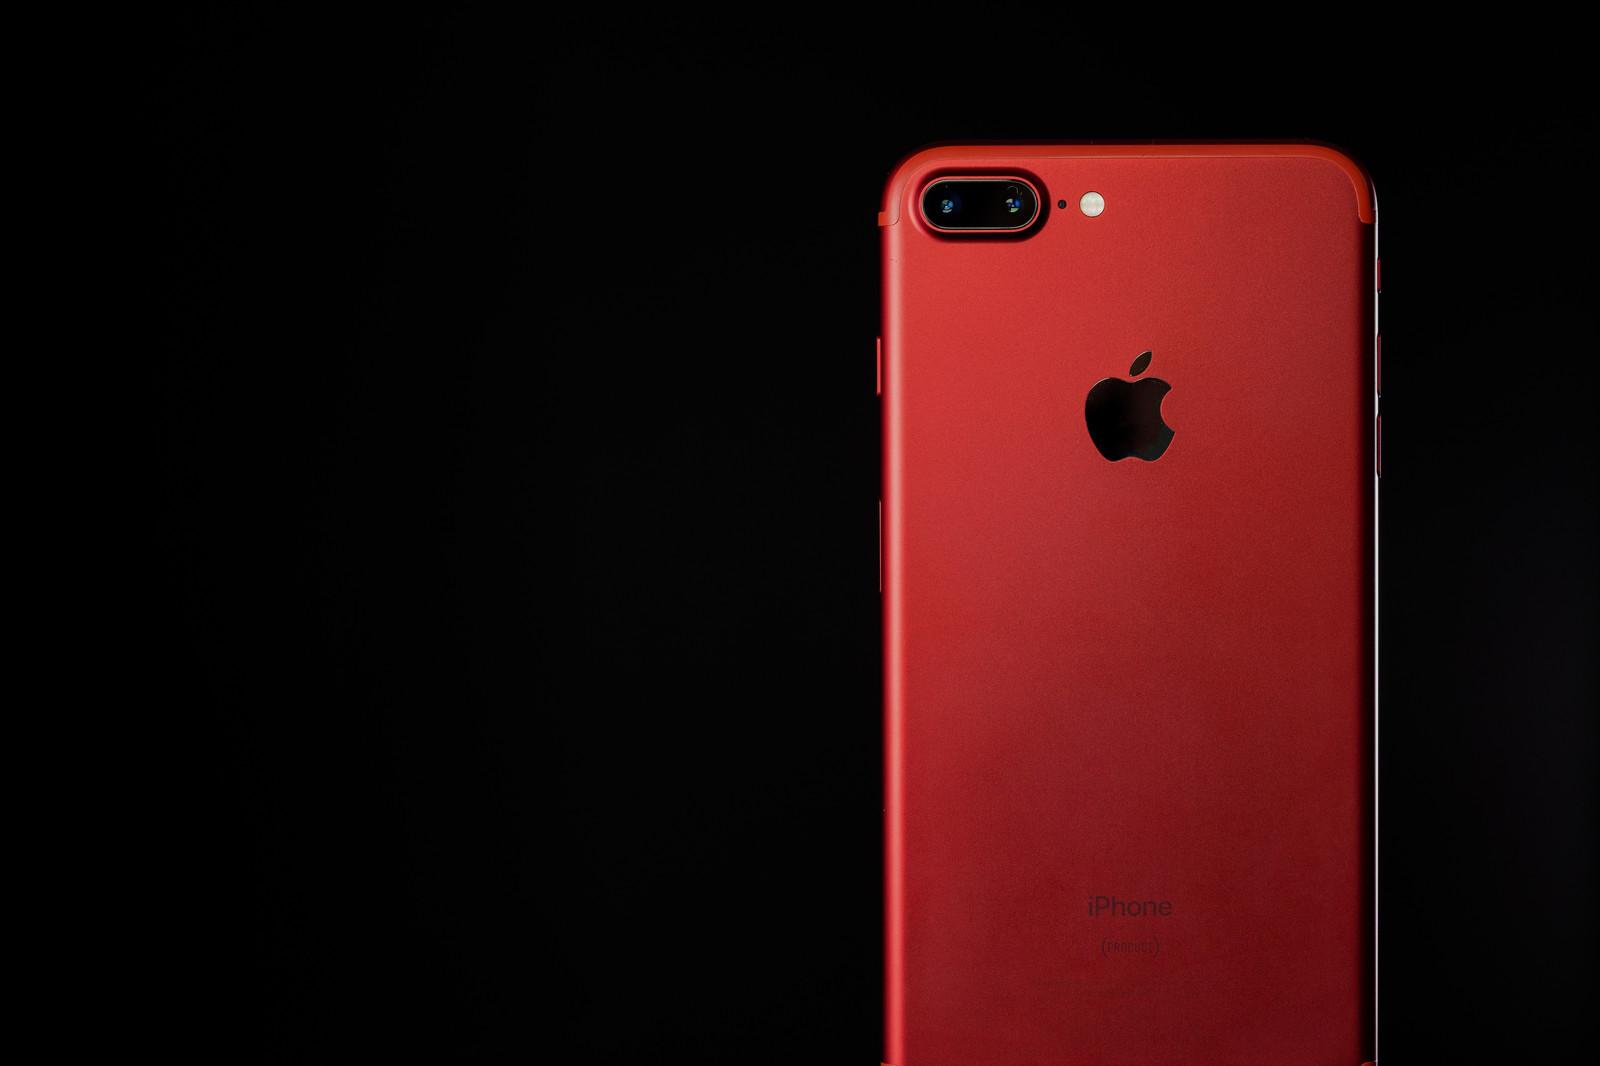 【男が選んだ】女の子の為の「絶対に男ウケするiPhoneケース5選」【iPhone編】